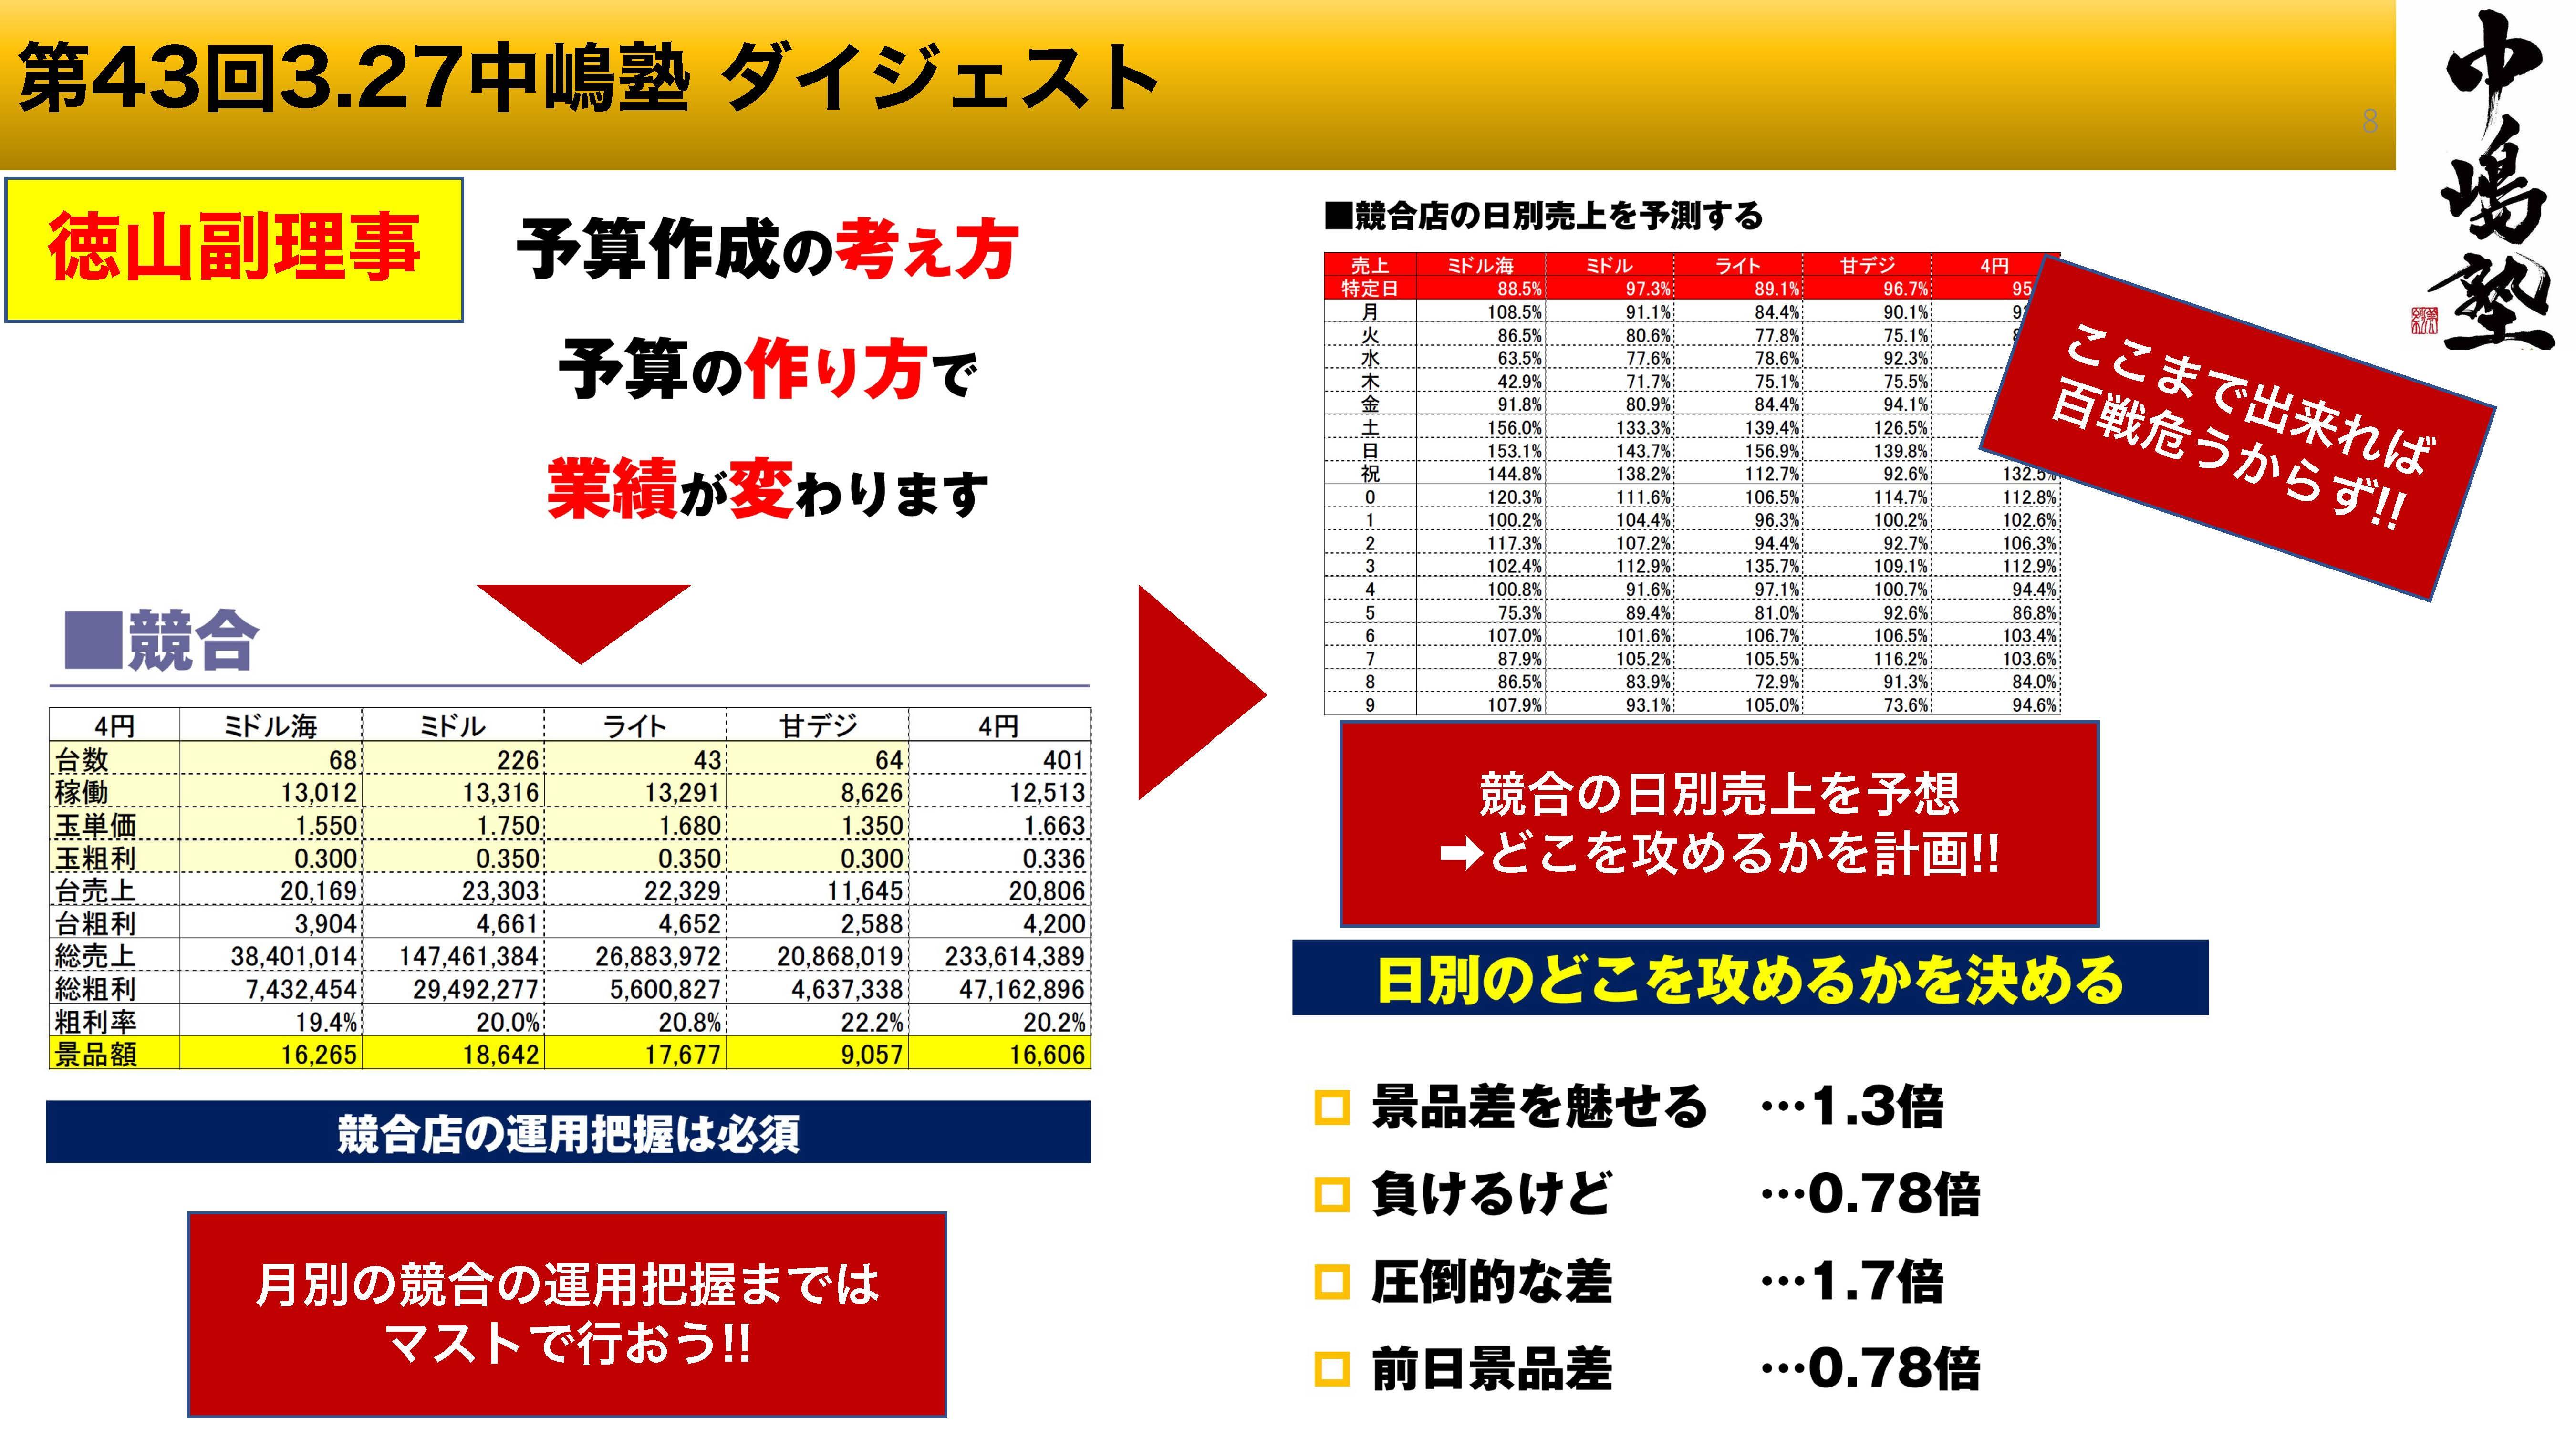 20210327中嶋塾ダイジェスト_ページ_08